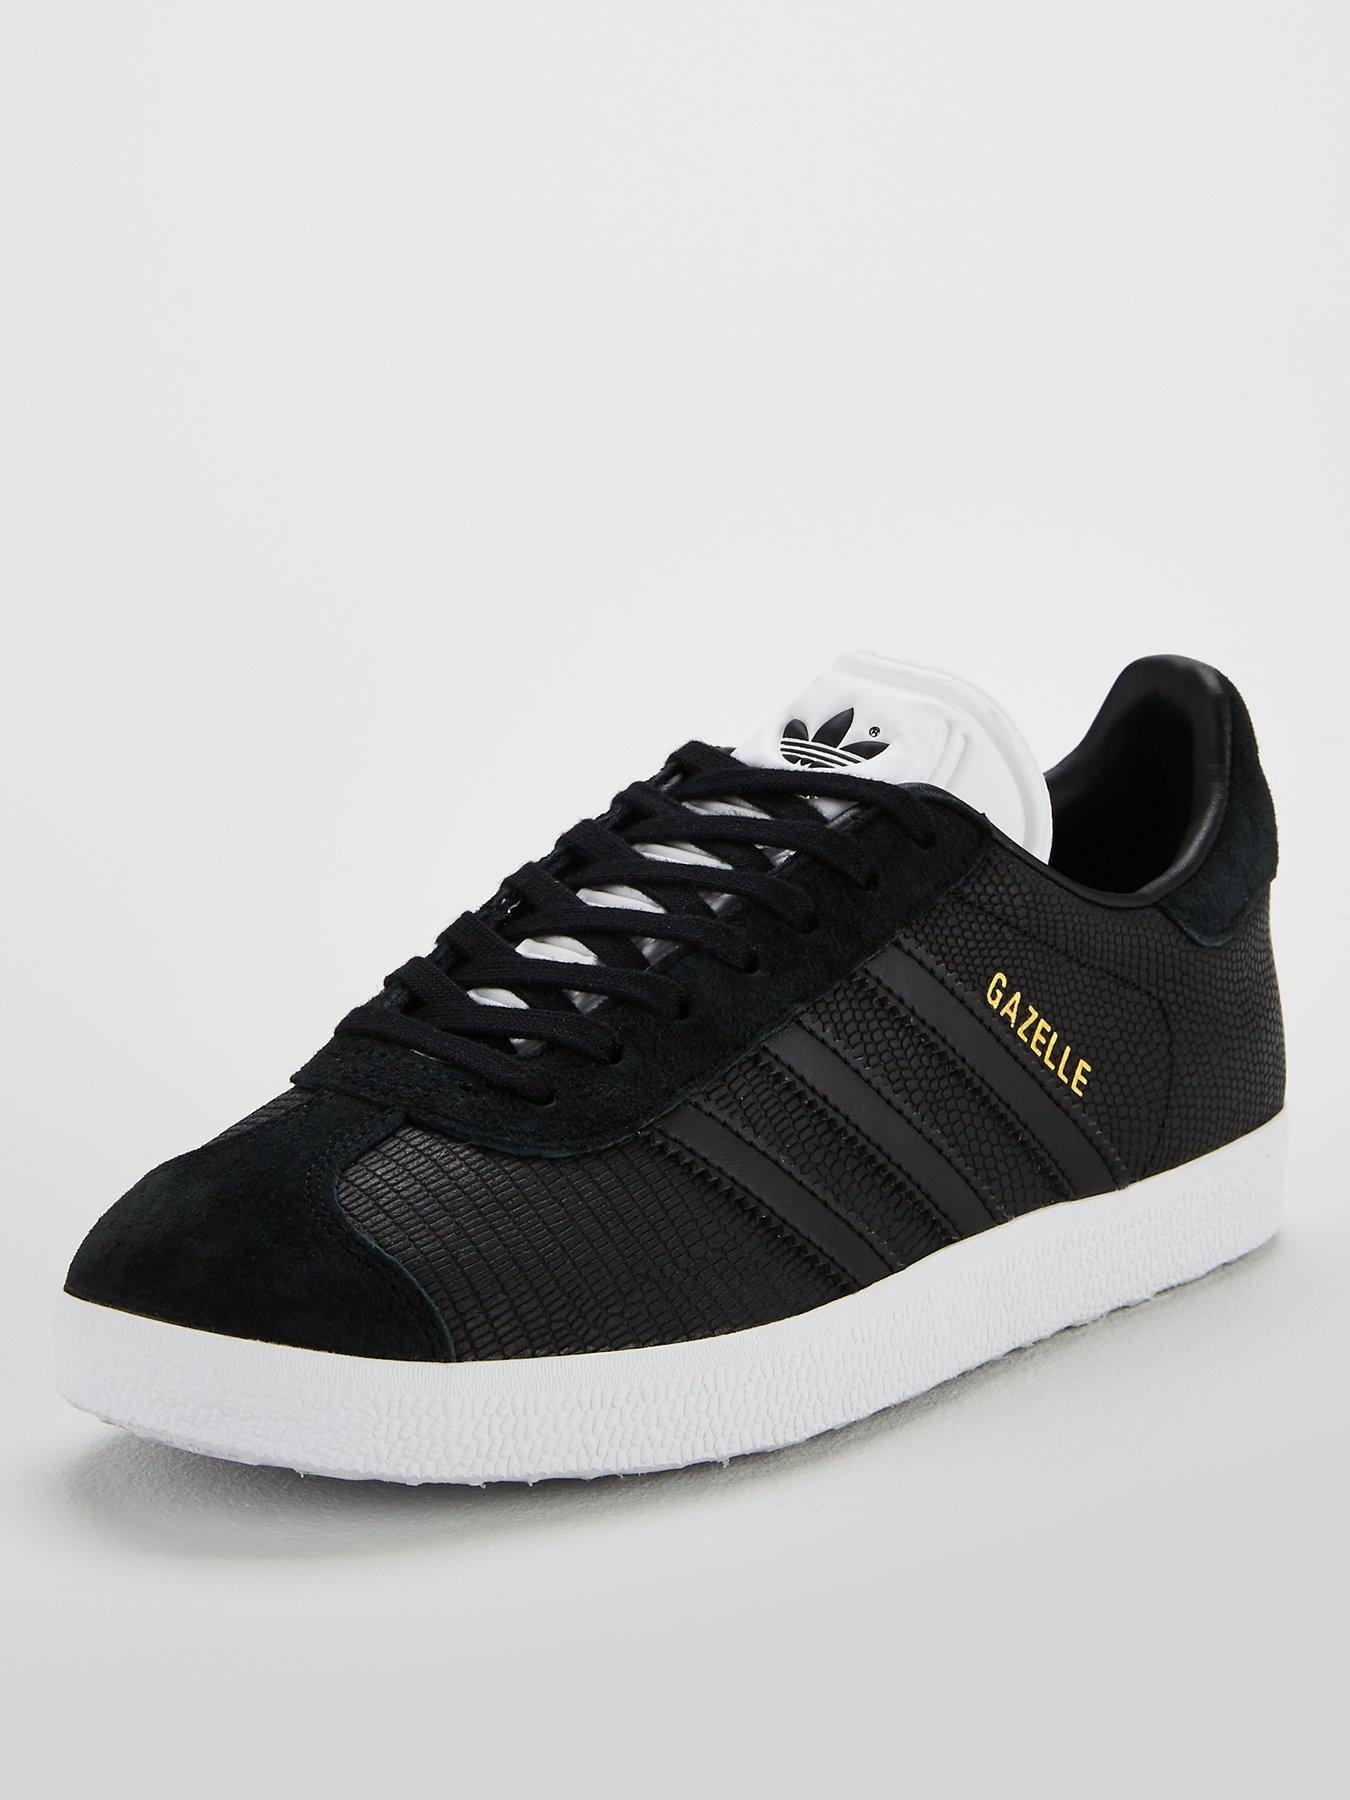 644b3c705 store buy sneakersnstuff x adidas originals zx flux aged copper kixify  marketplace a77f6 a72fa  uk adidas originals gazelle black 9f16c 757e2